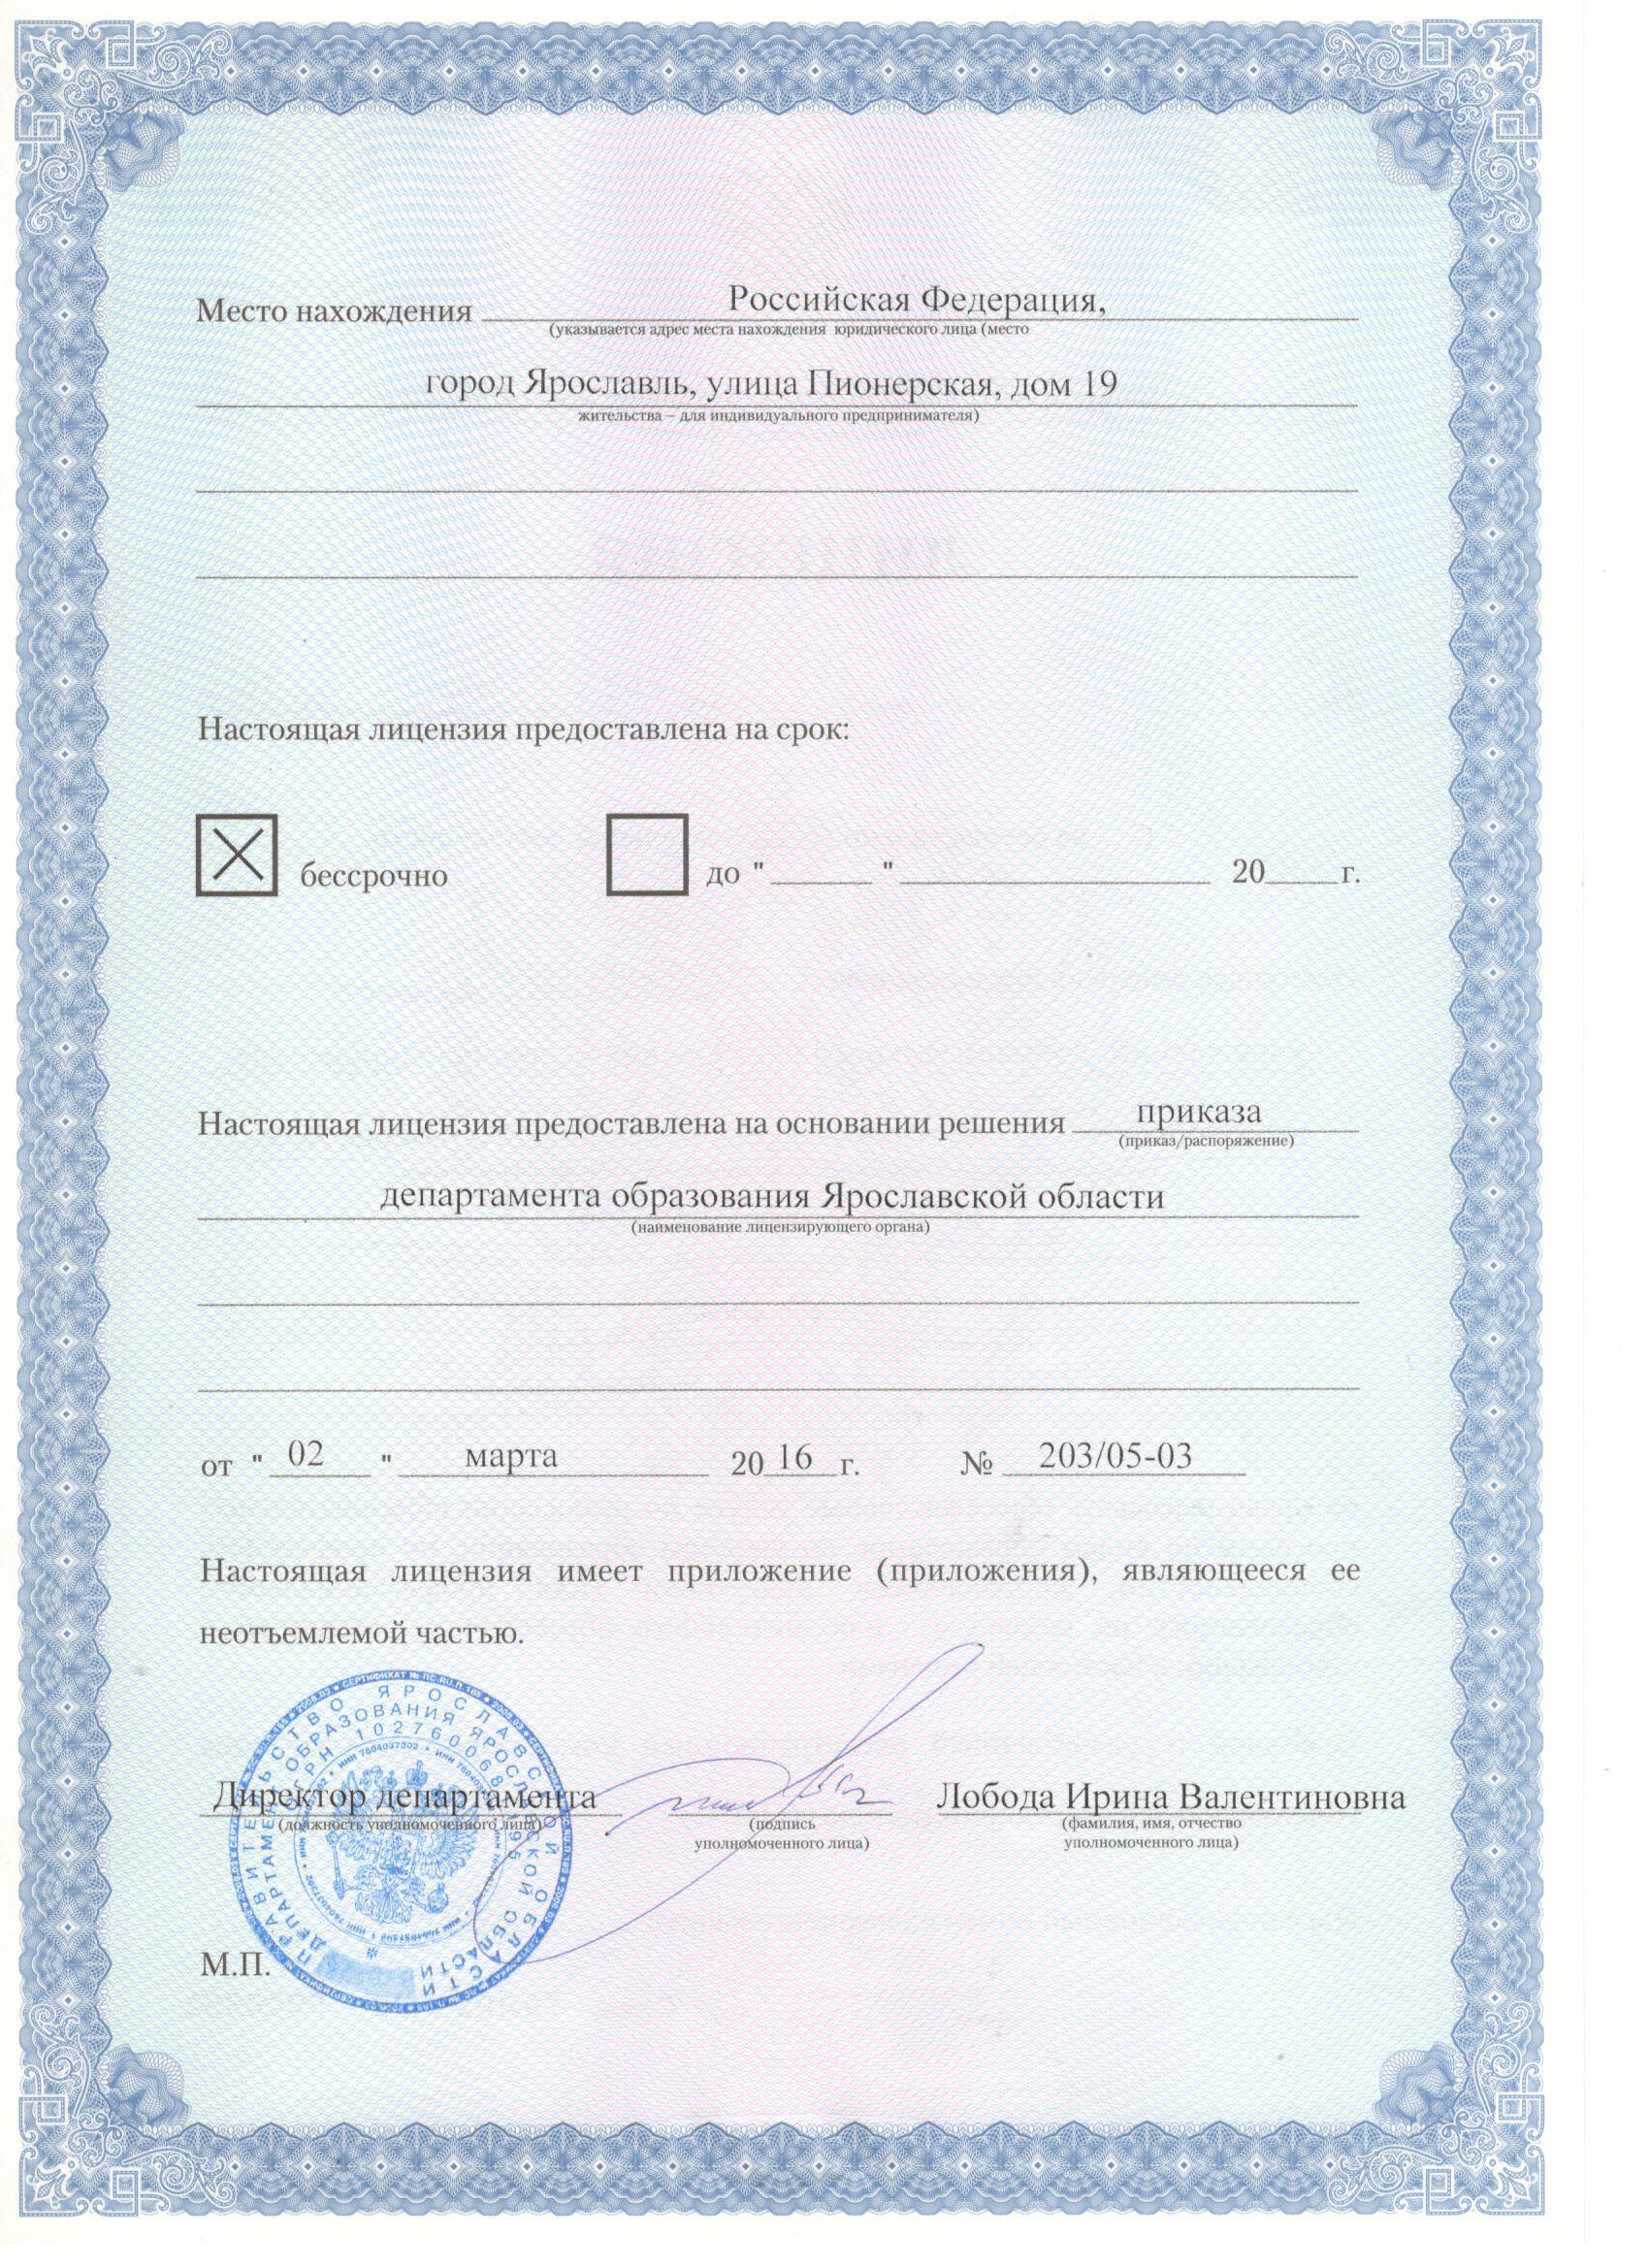 должностные инструкции и обязанности зам.директора по учебной работе спортивной школы